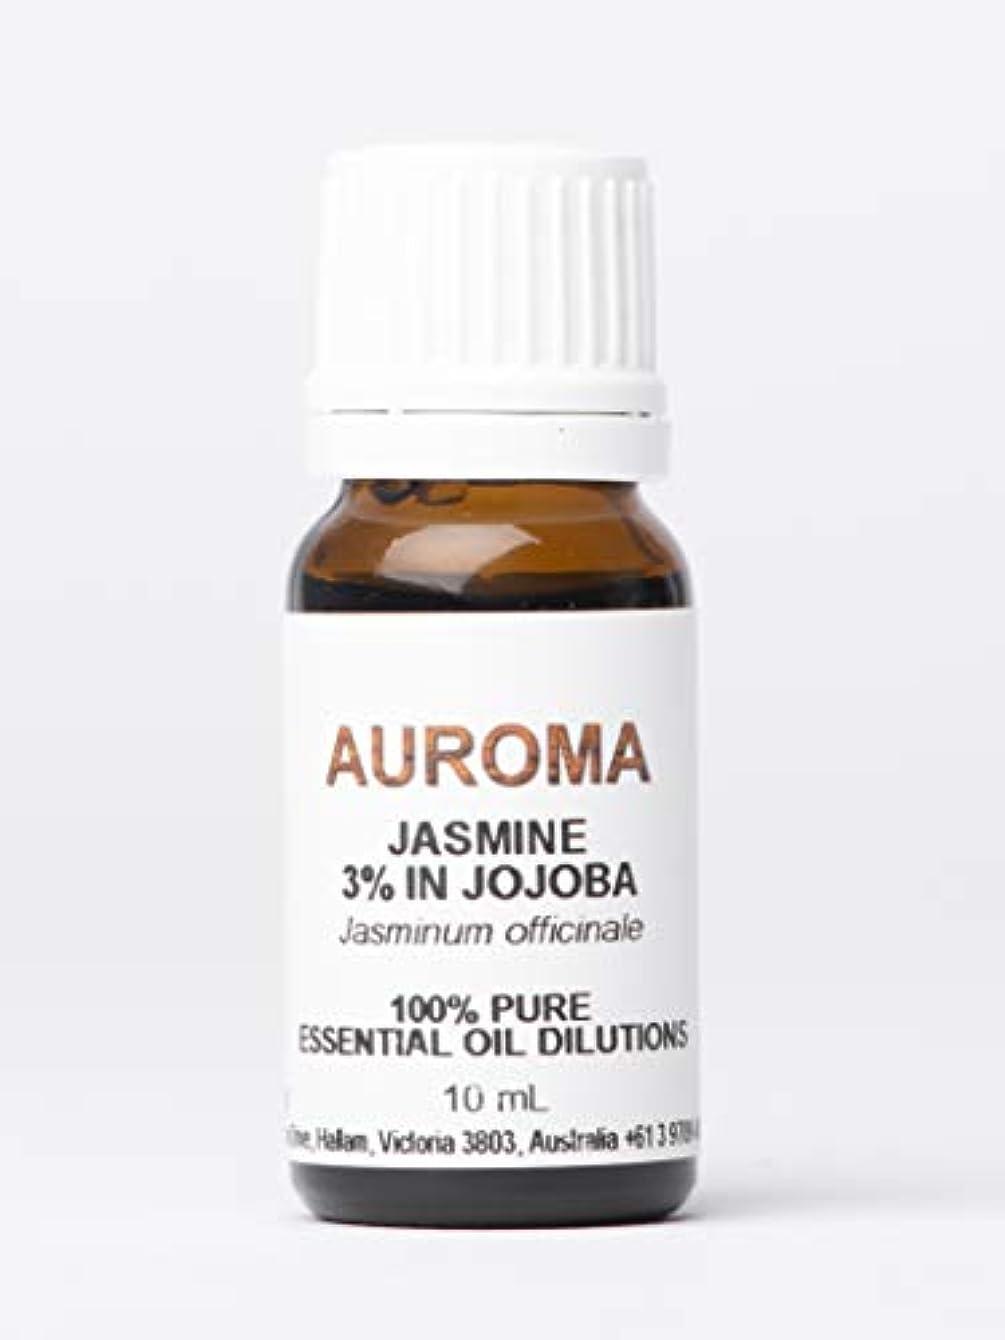 後退するひらめき浸食AUROMA ジャスミン3%in jojoba 10ml